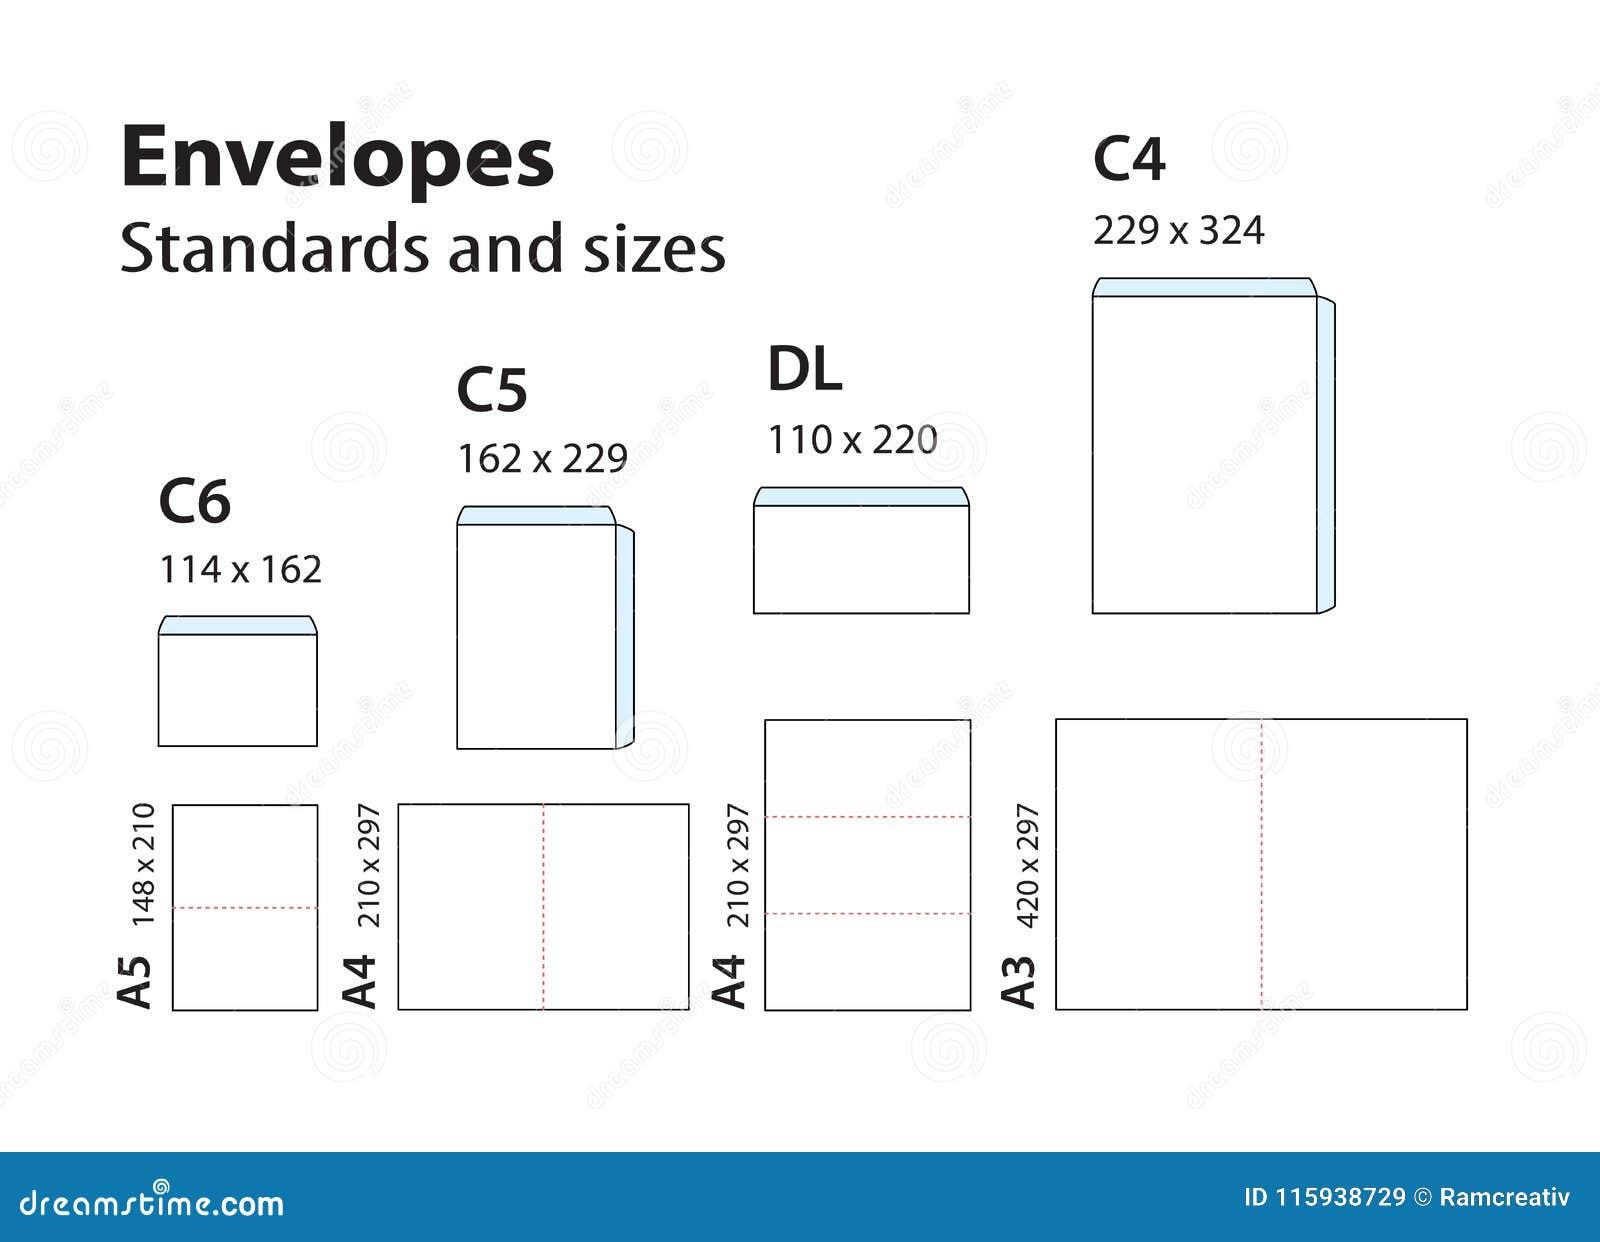 International Standard Envelopes For Paper Or Documents C6, C5, DL ...